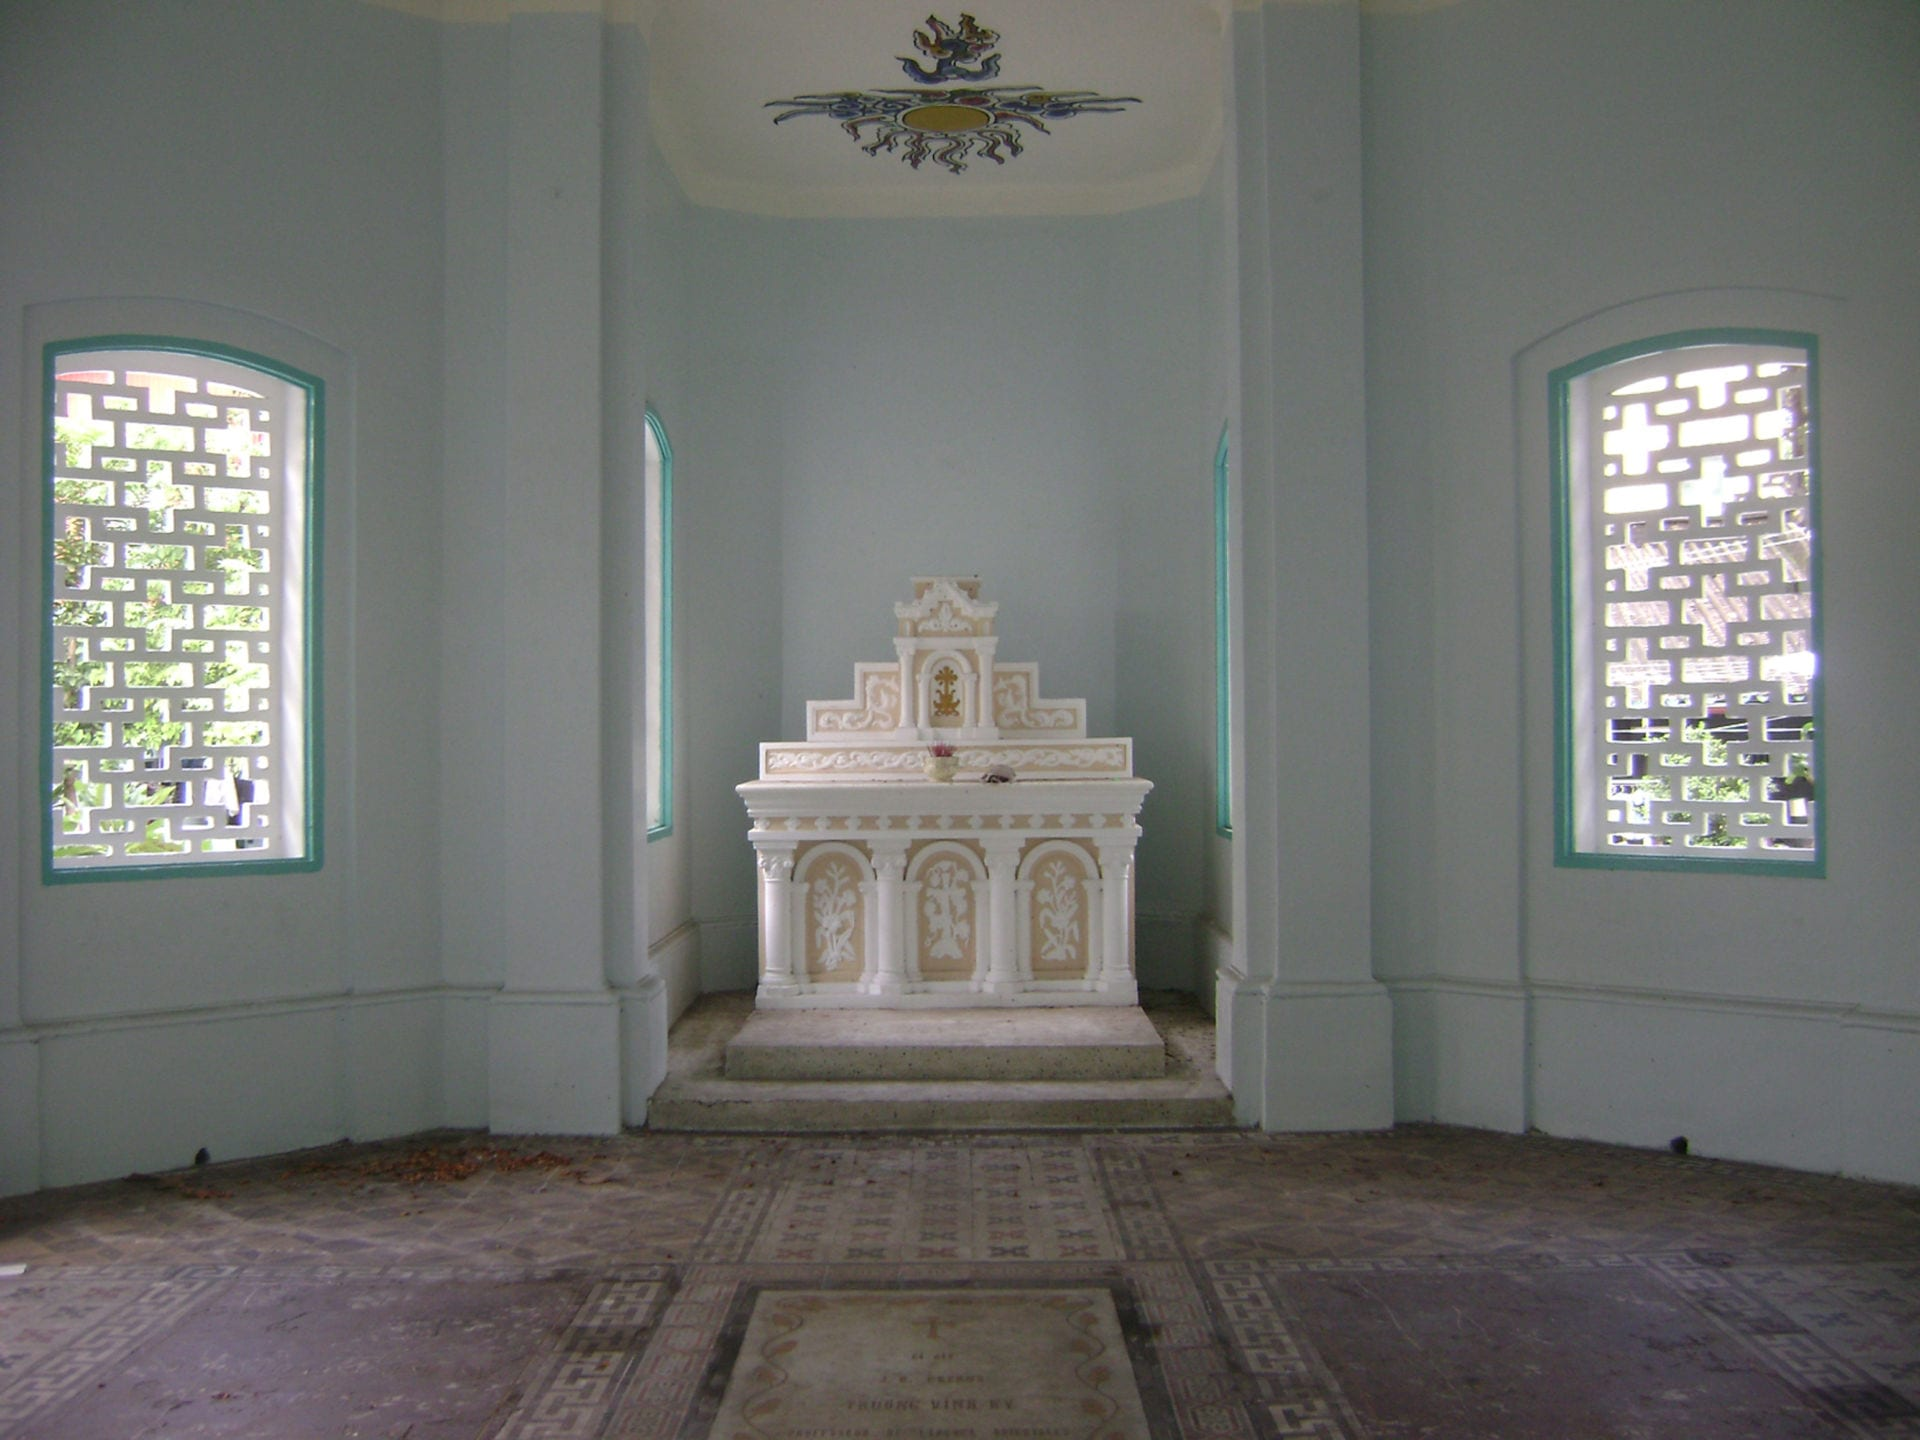 Thăm lăng mộ các bậc hiền nhân Sài Gòn-Gia Định xưa - 3